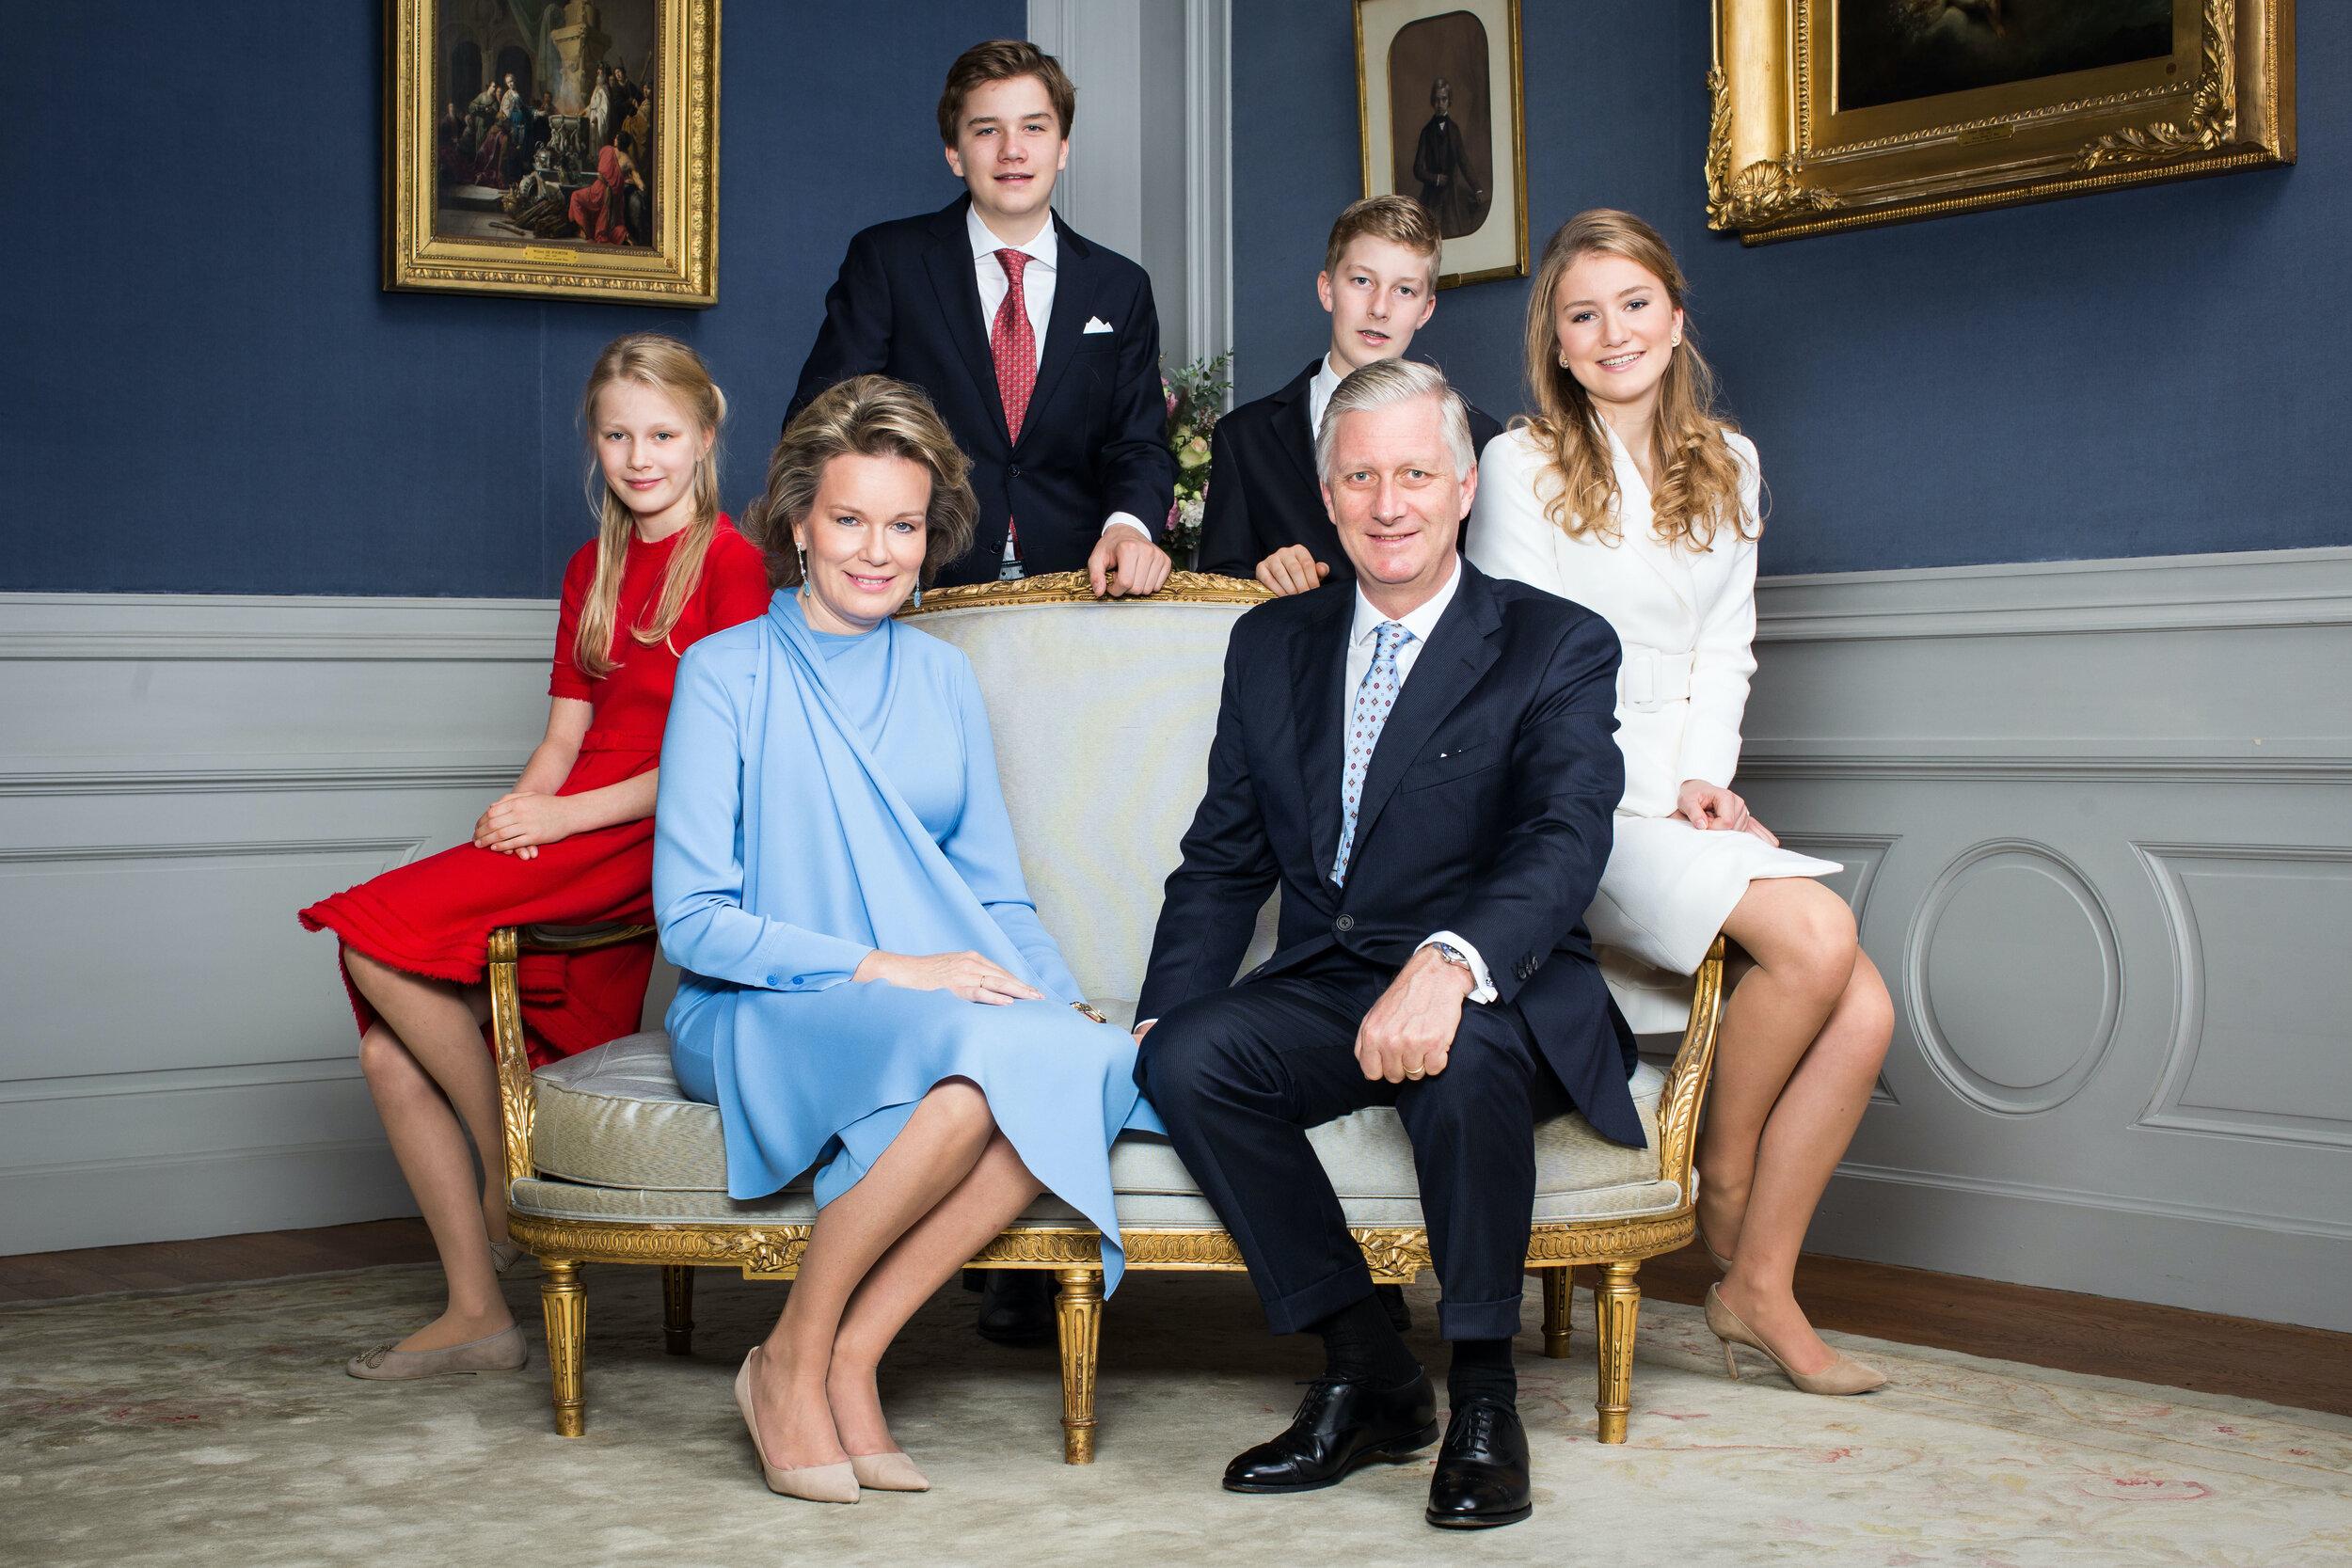 Die Thronfolge ist in Belgien gesichert: Königin Mathilde und König Philippe haben vier Kinder. © picture alliance/Hand Out Belgian Royal Palace Ba/BELGA/dpa